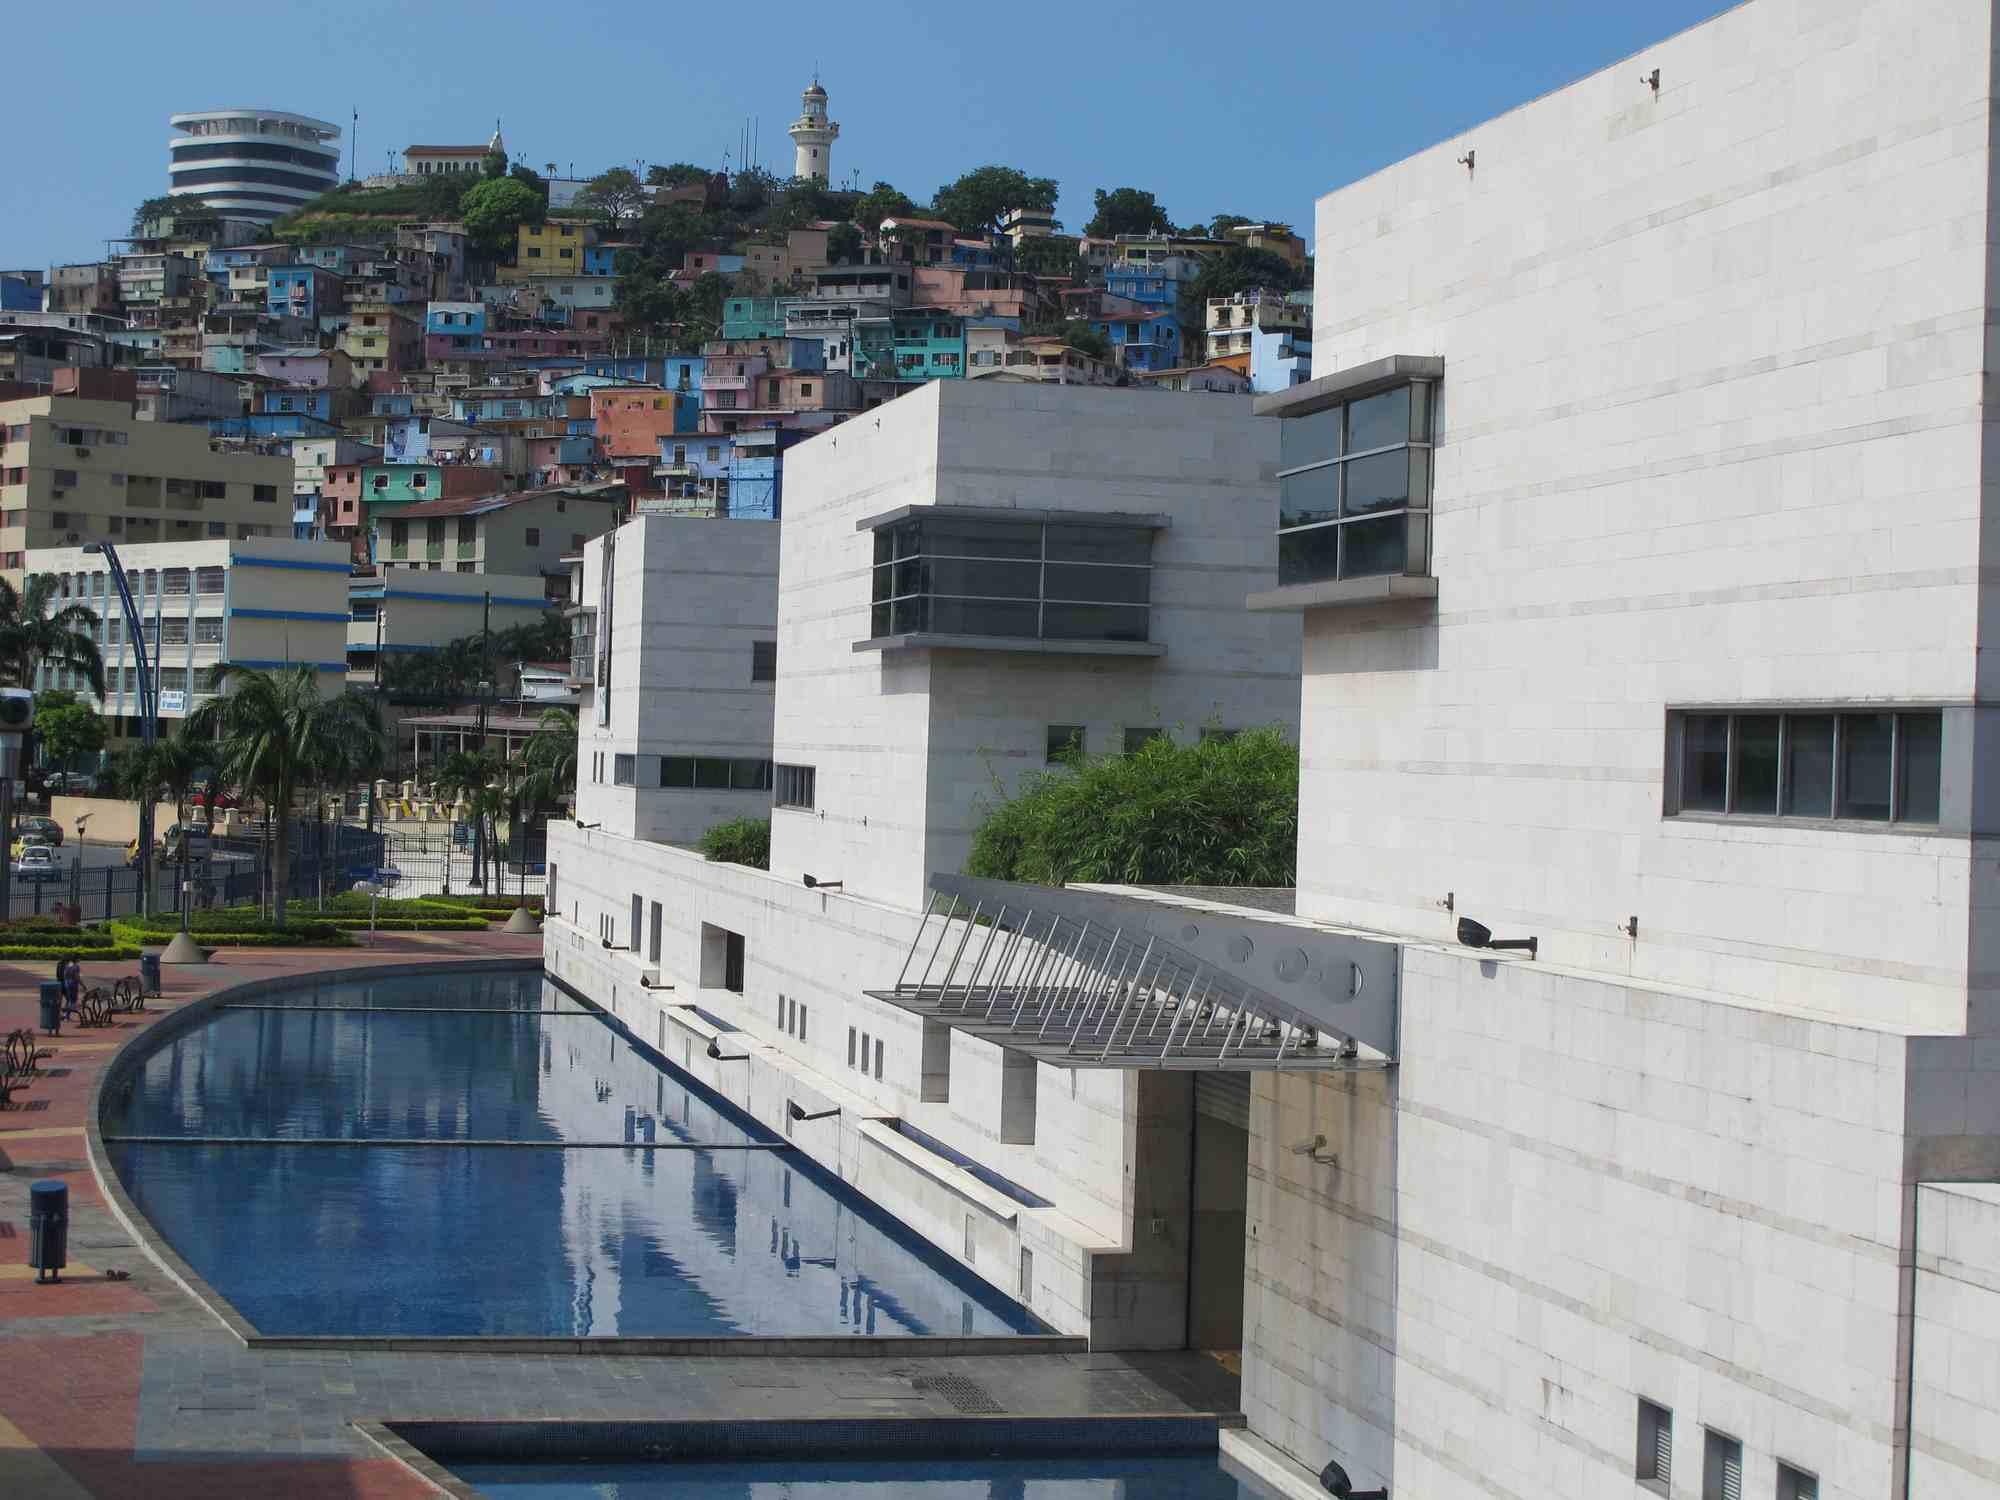 Museo Antropologico y Arte Contemporaneo